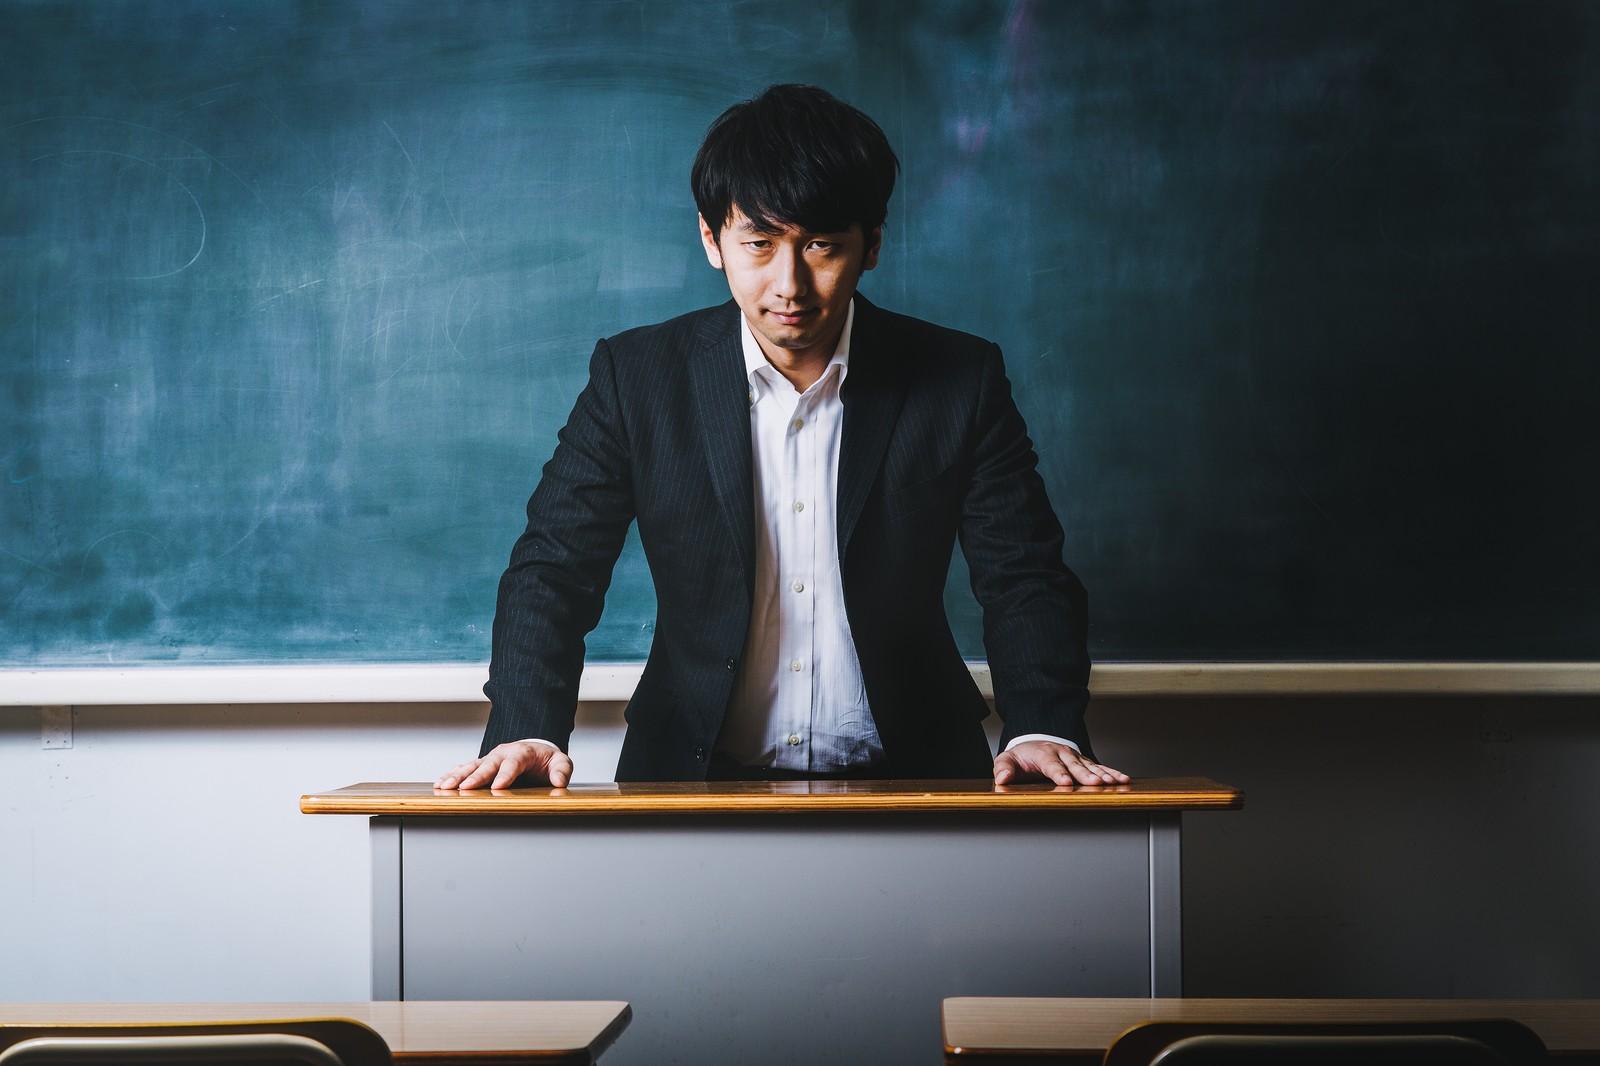 中学校教師30代の仕事内容と年収とは?大人が客観的に見る教師の働き方